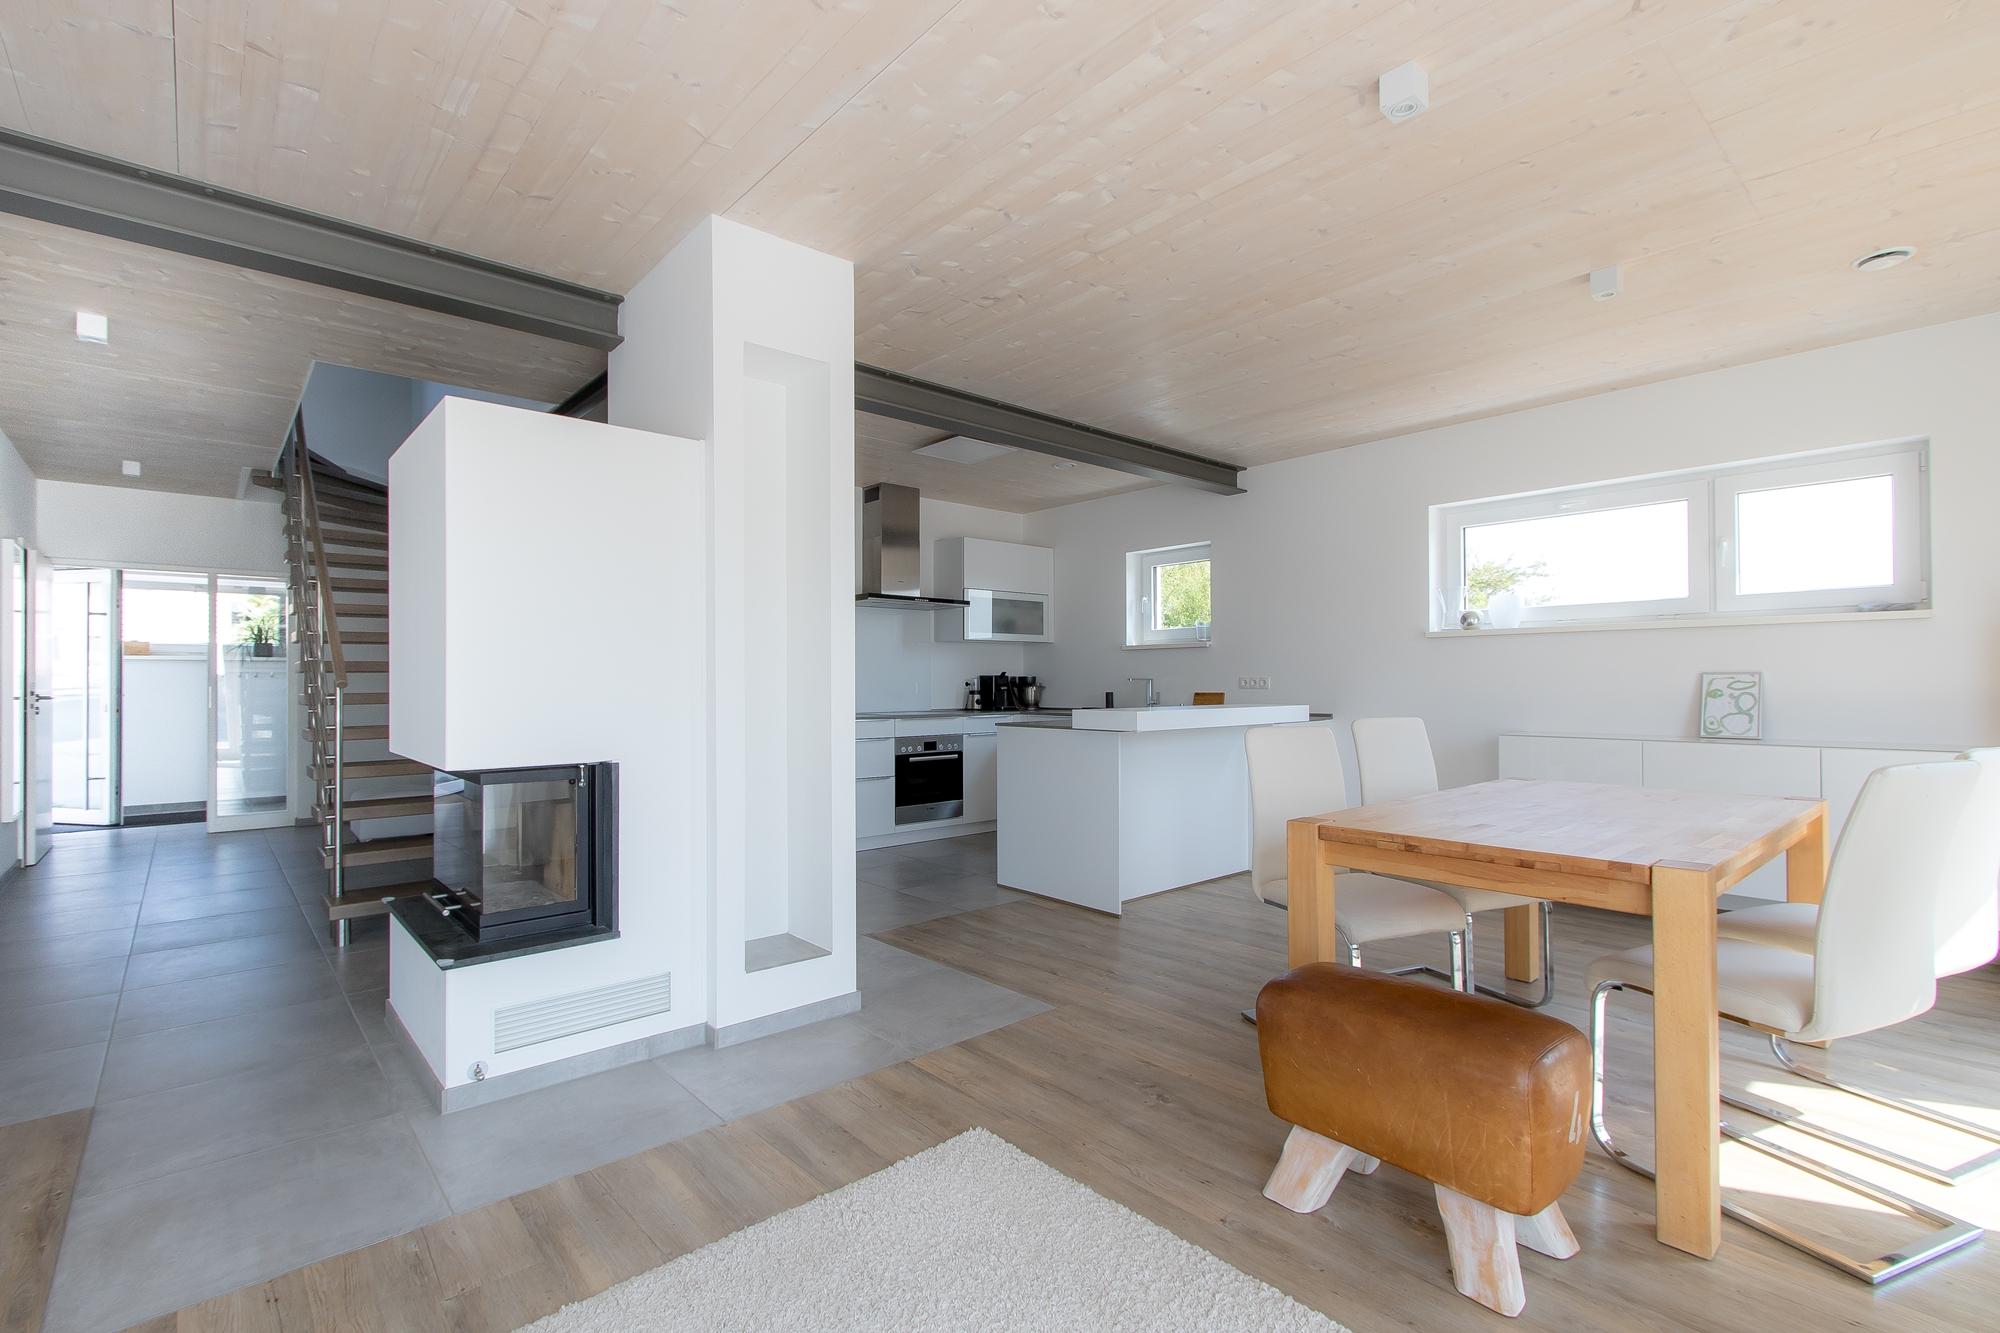 Durchdachtes Einfamilienhaus für ein schönes Leben – EYRICH-HALBIG ...